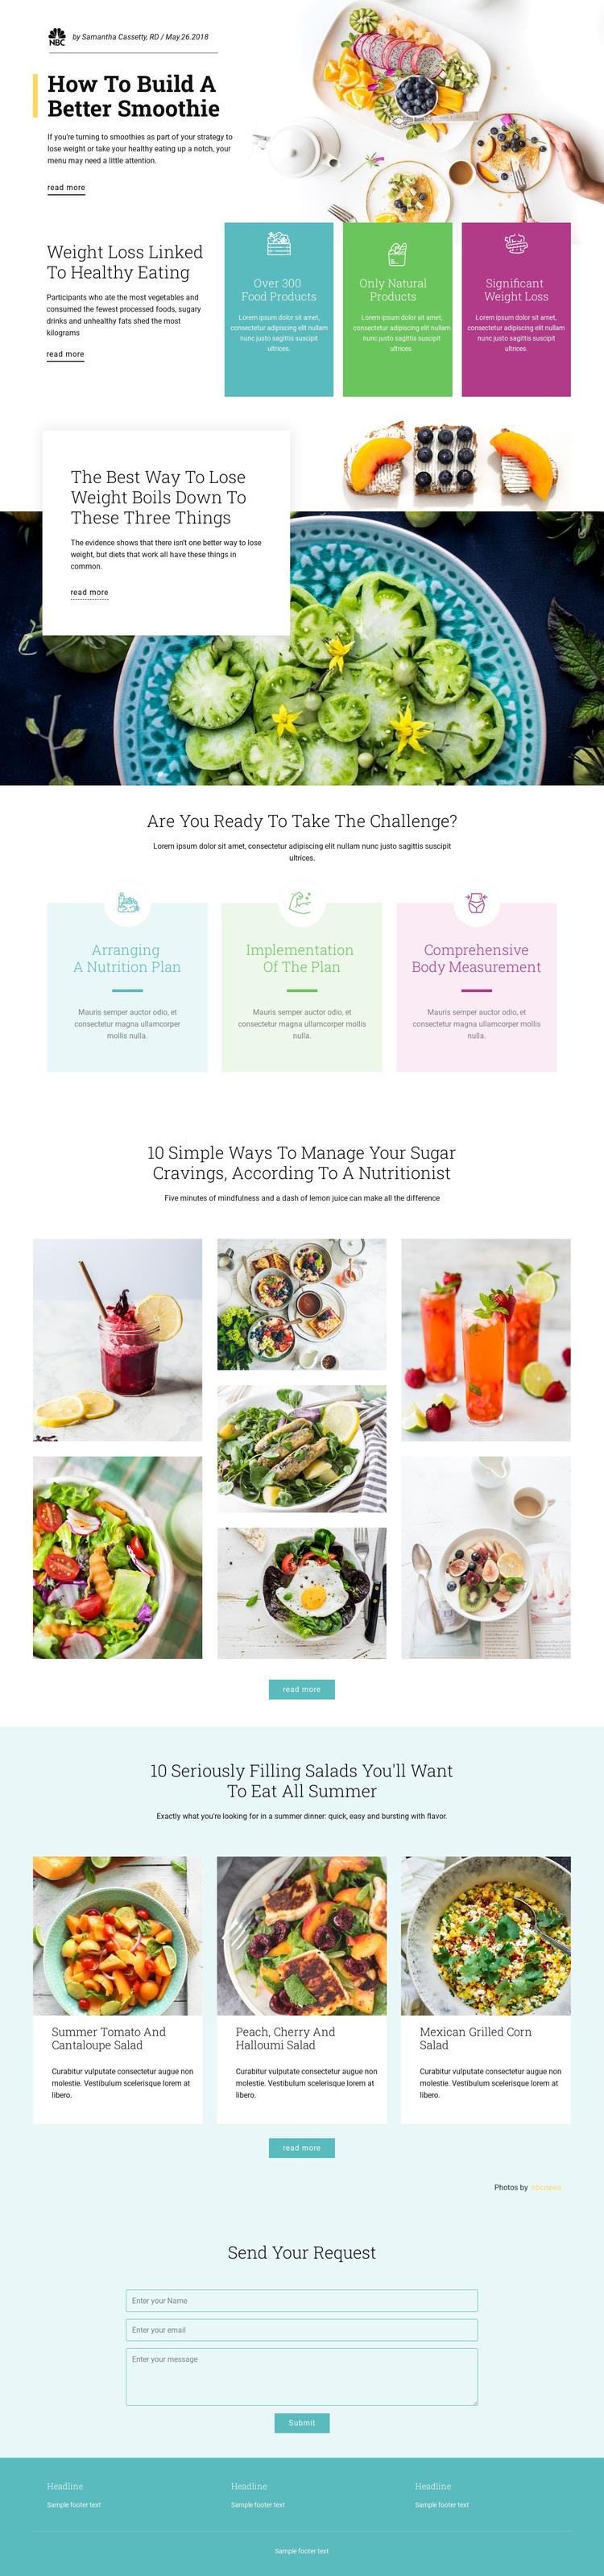 Smoothie Recipes Website Builder Software